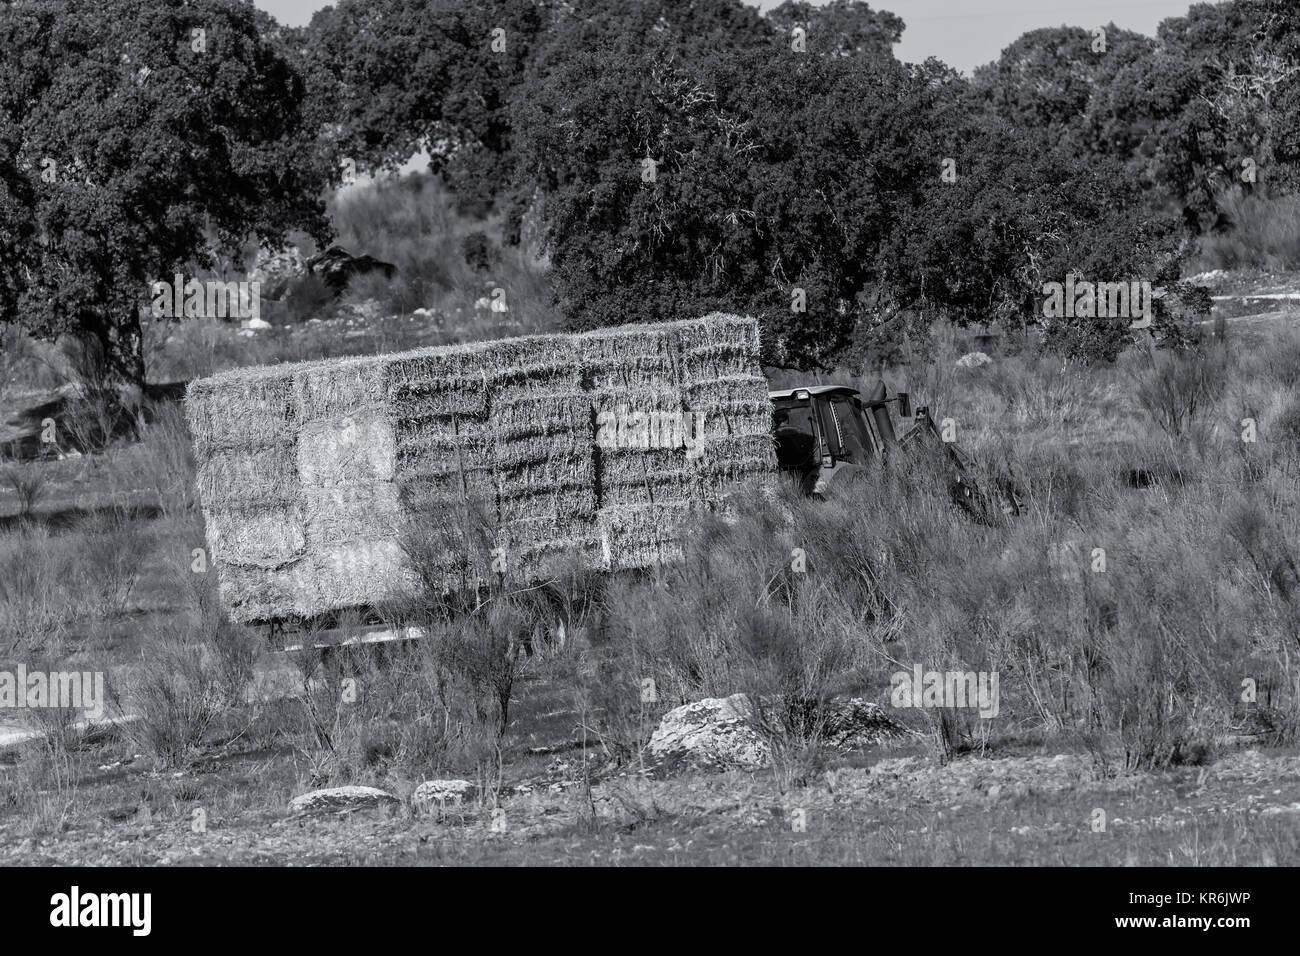 Tractor llevando una carga de pacas de paja para uso pecuario. Imagen De Stock